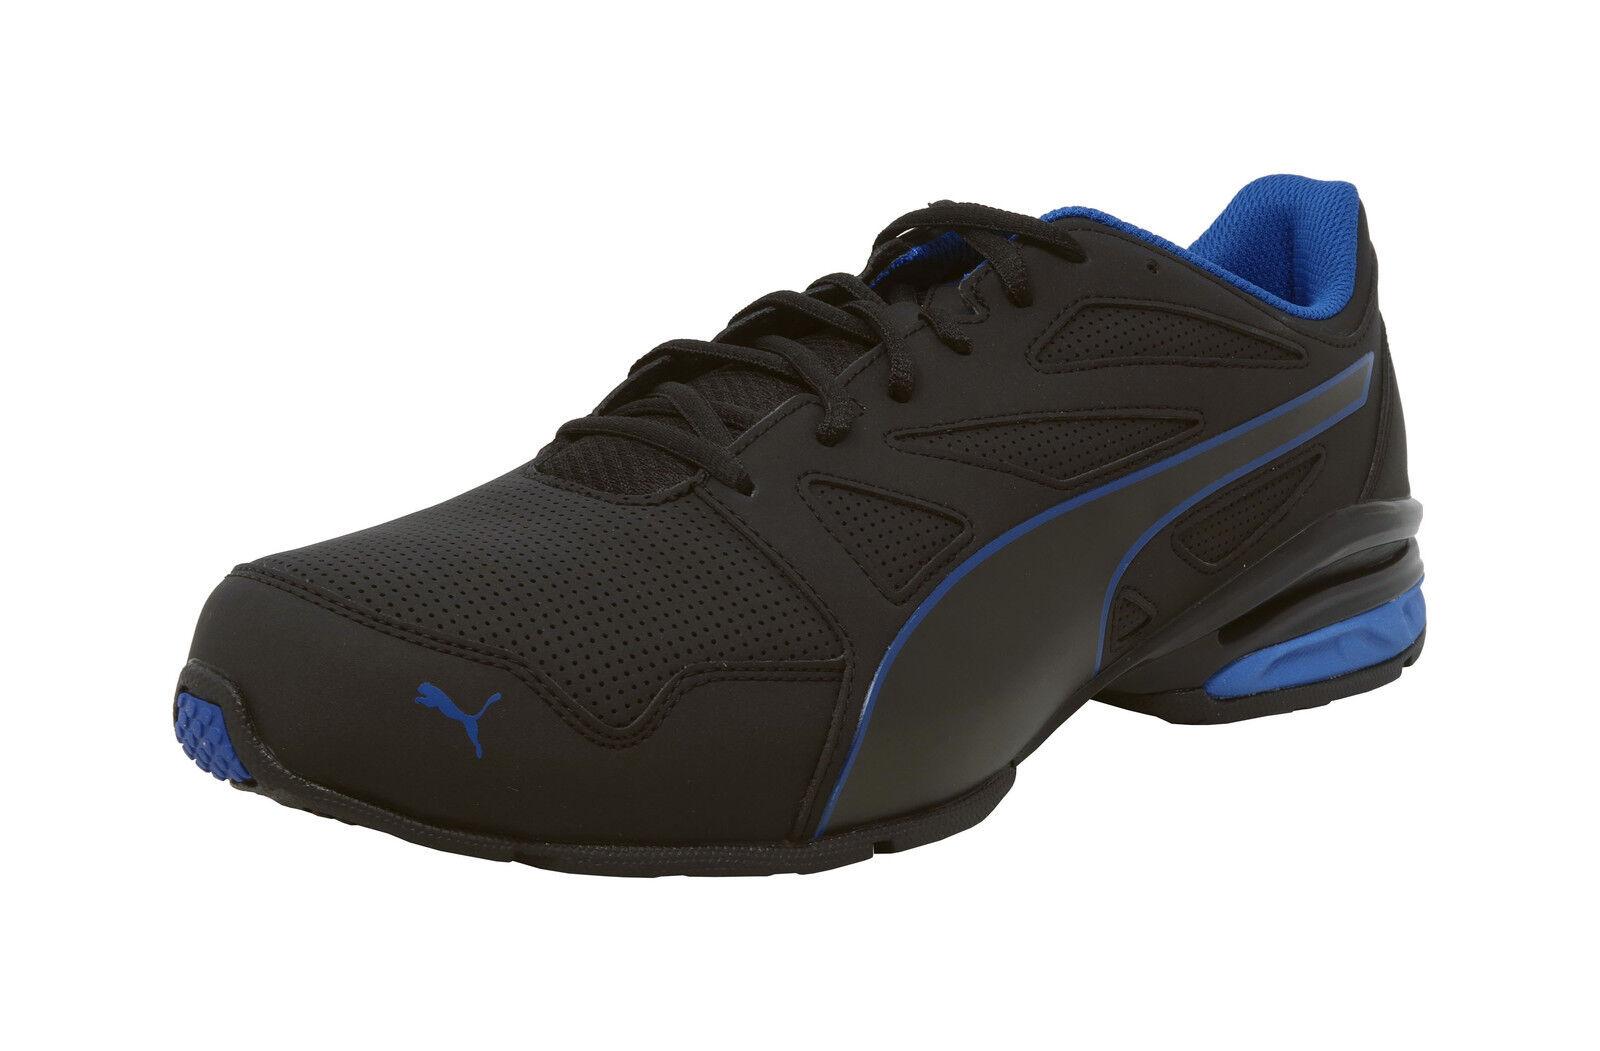 PUMA Tazon moderno SL Negro Azul Real De De De Espuma Suave Zapatos Con Cordones Zapatillas Hombres Adultos  sin mínimo